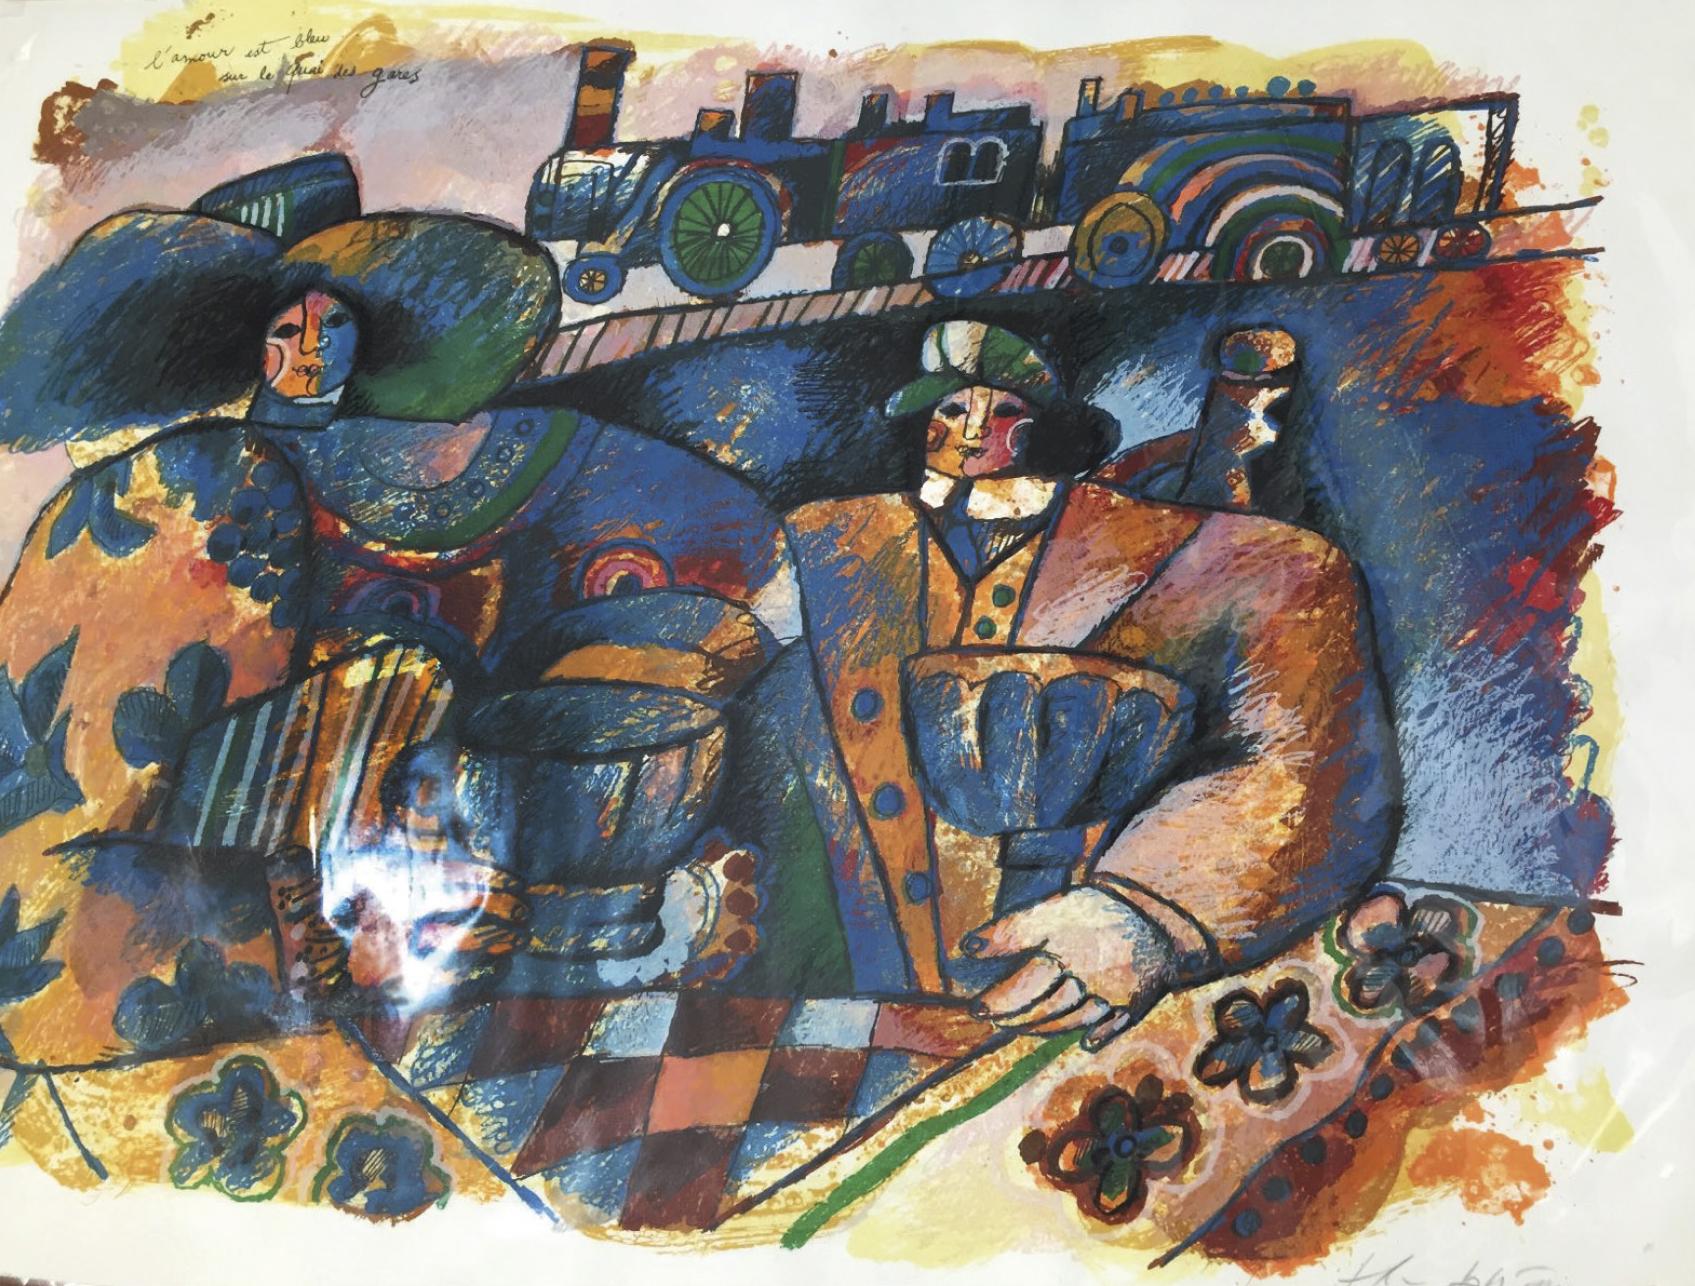 Lot 61 - Tobiasse Theo (1927-2012) L'amour est bleu sur les quai des gares, Lithograph [...]